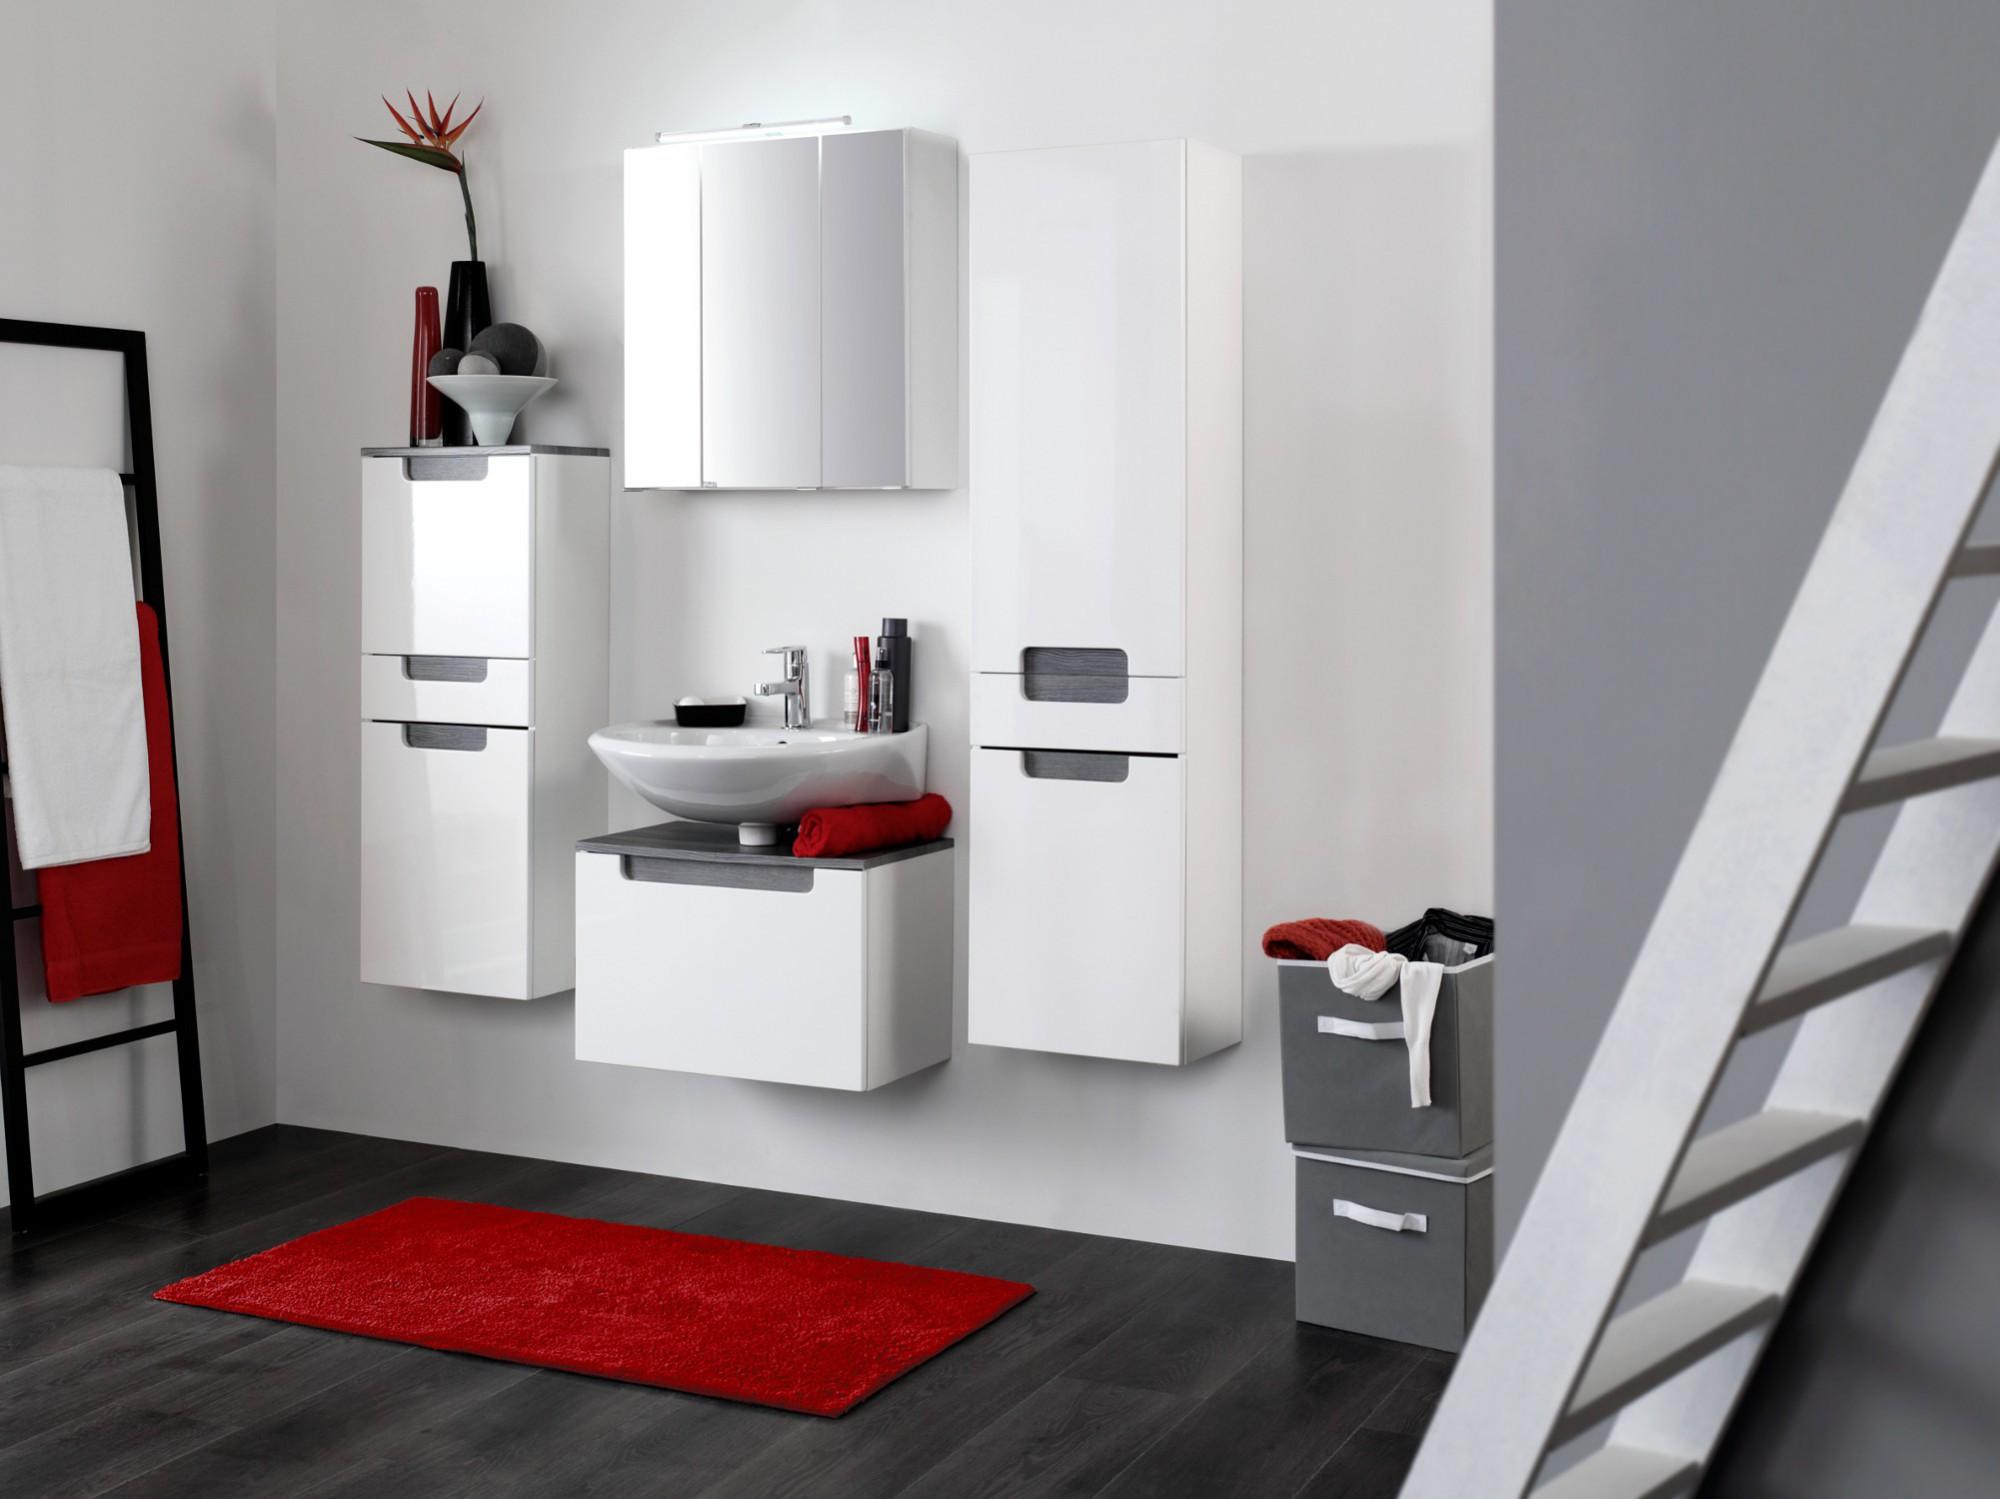 bad midischrank siena 2 t rig 1 schublade 40 cm breit hochglanz wei rauchsilber bad siena. Black Bedroom Furniture Sets. Home Design Ideas